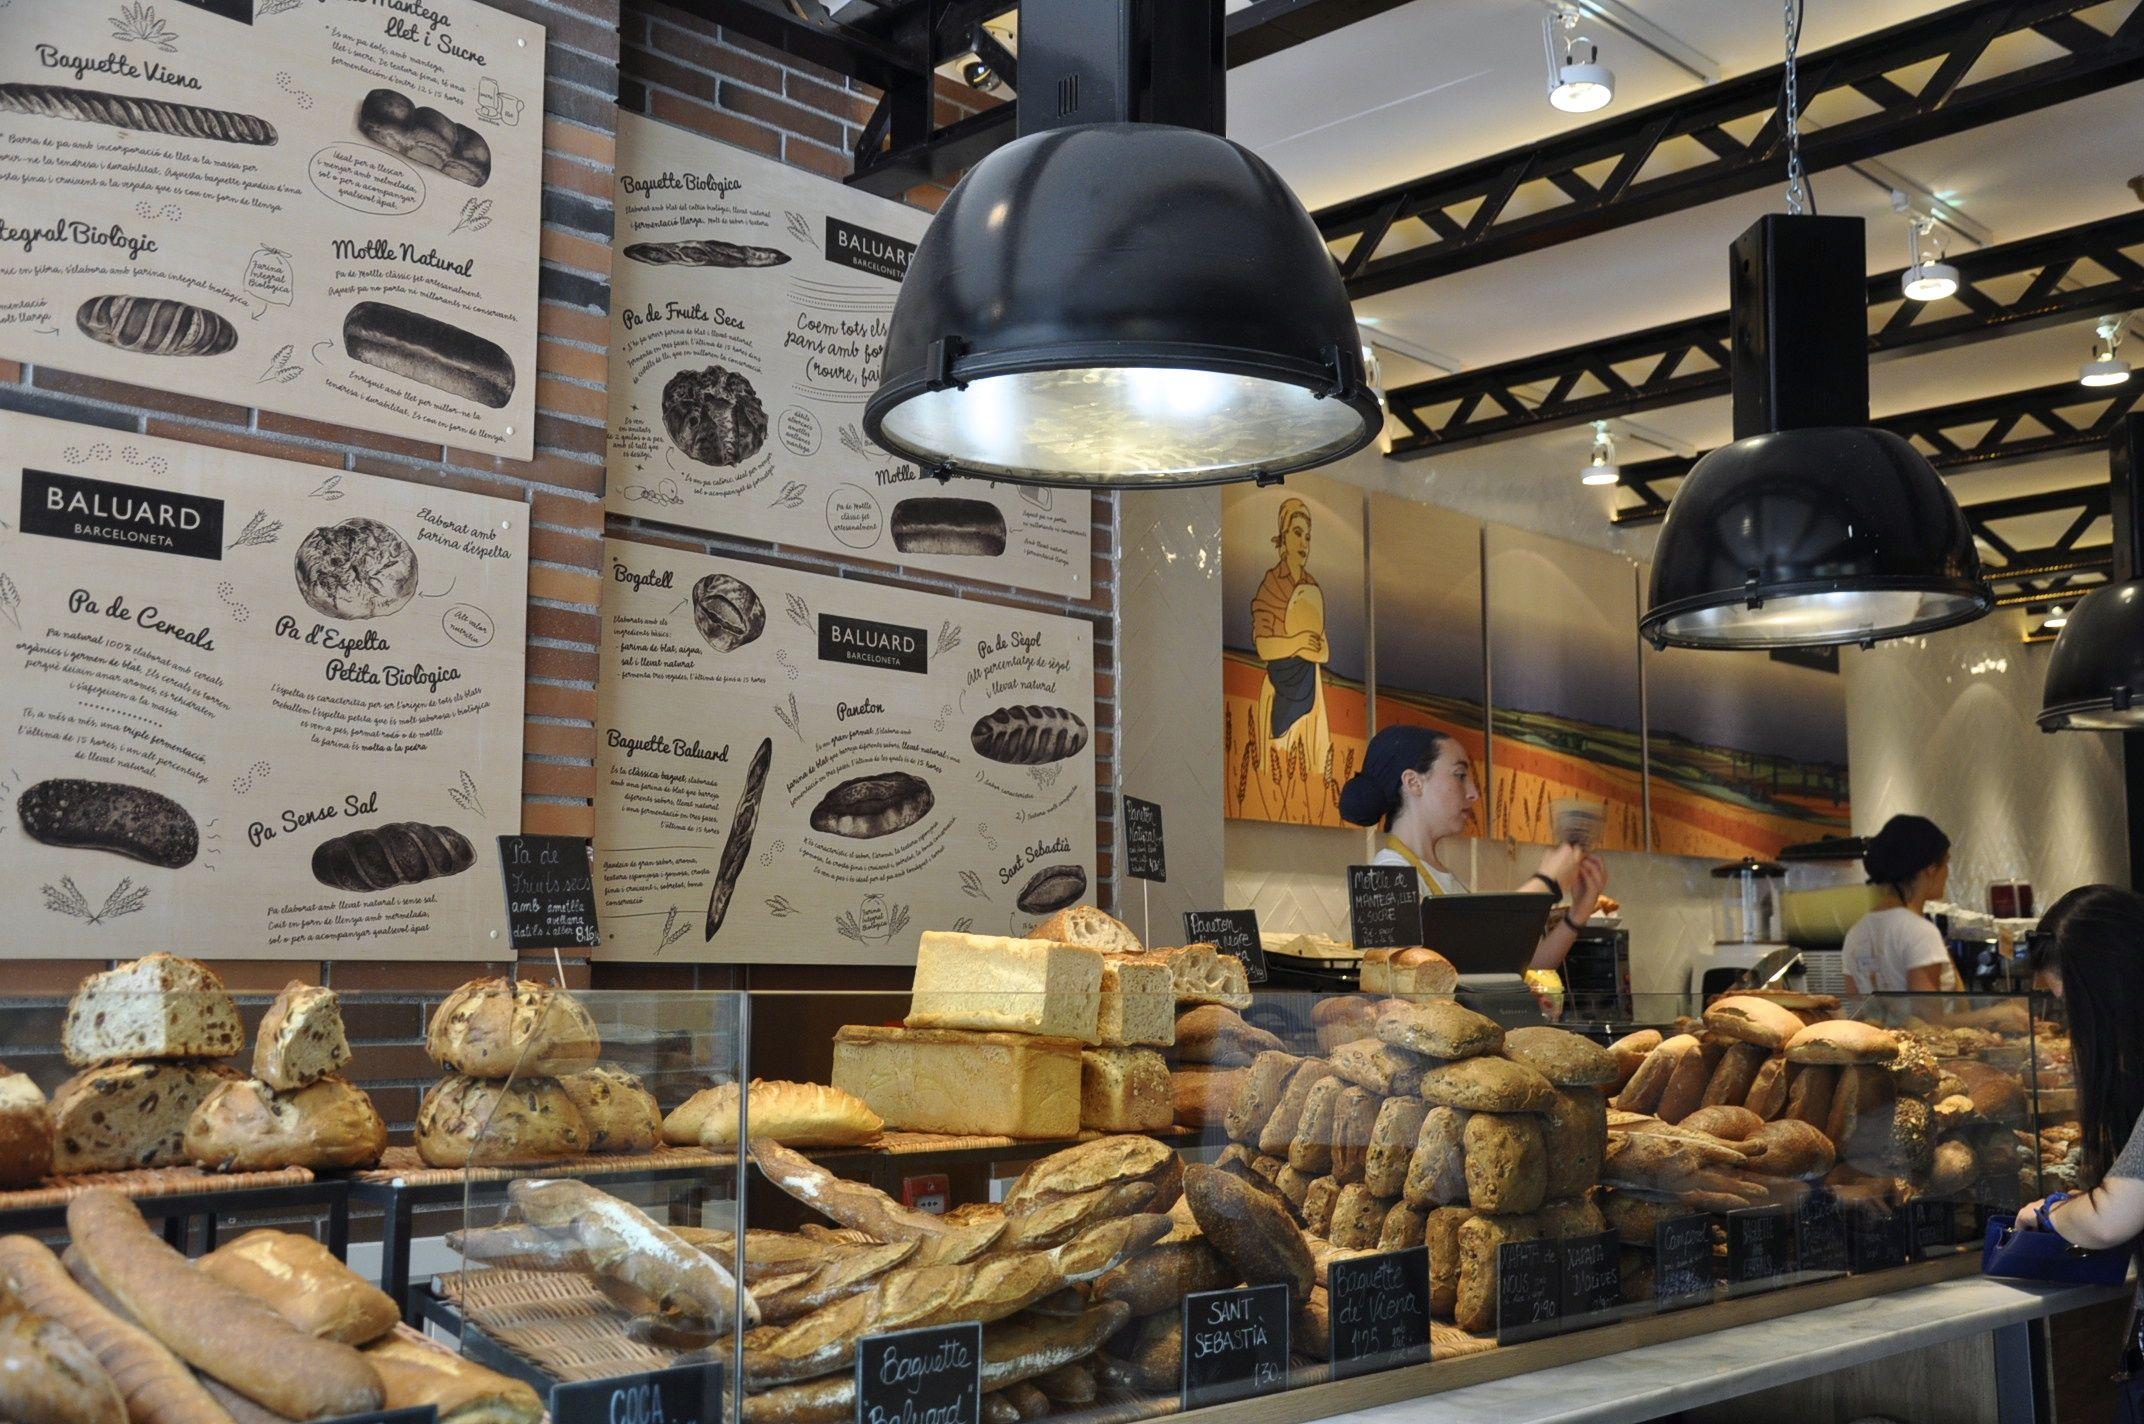 baluard praktik bakery hotel barcelona. Black Bedroom Furniture Sets. Home Design Ideas